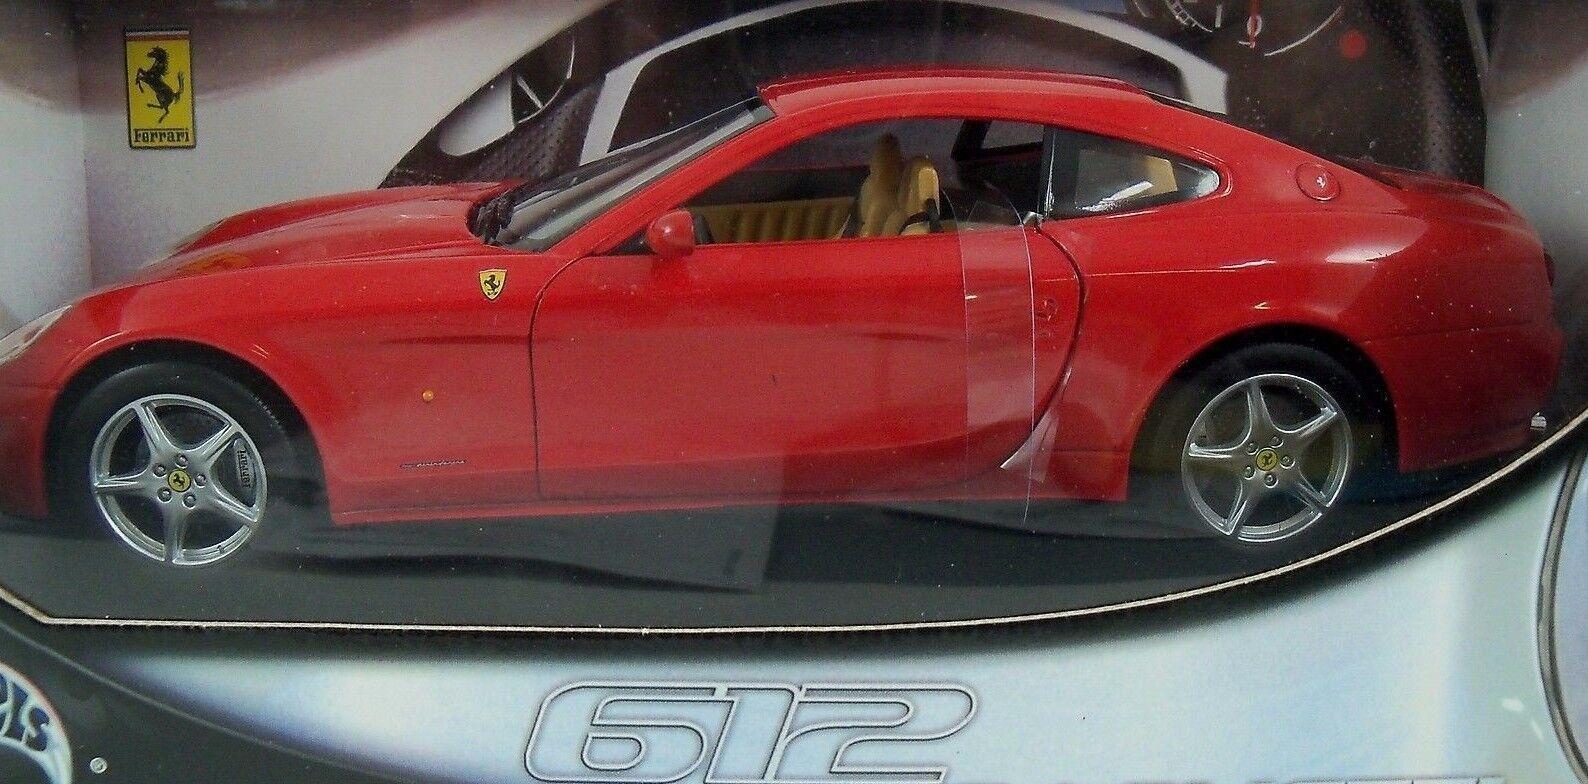 Hot Wheels rojo Ferrari 612 Scaglietti Scaglietti Scaglietti 1 18 coche 52f12c